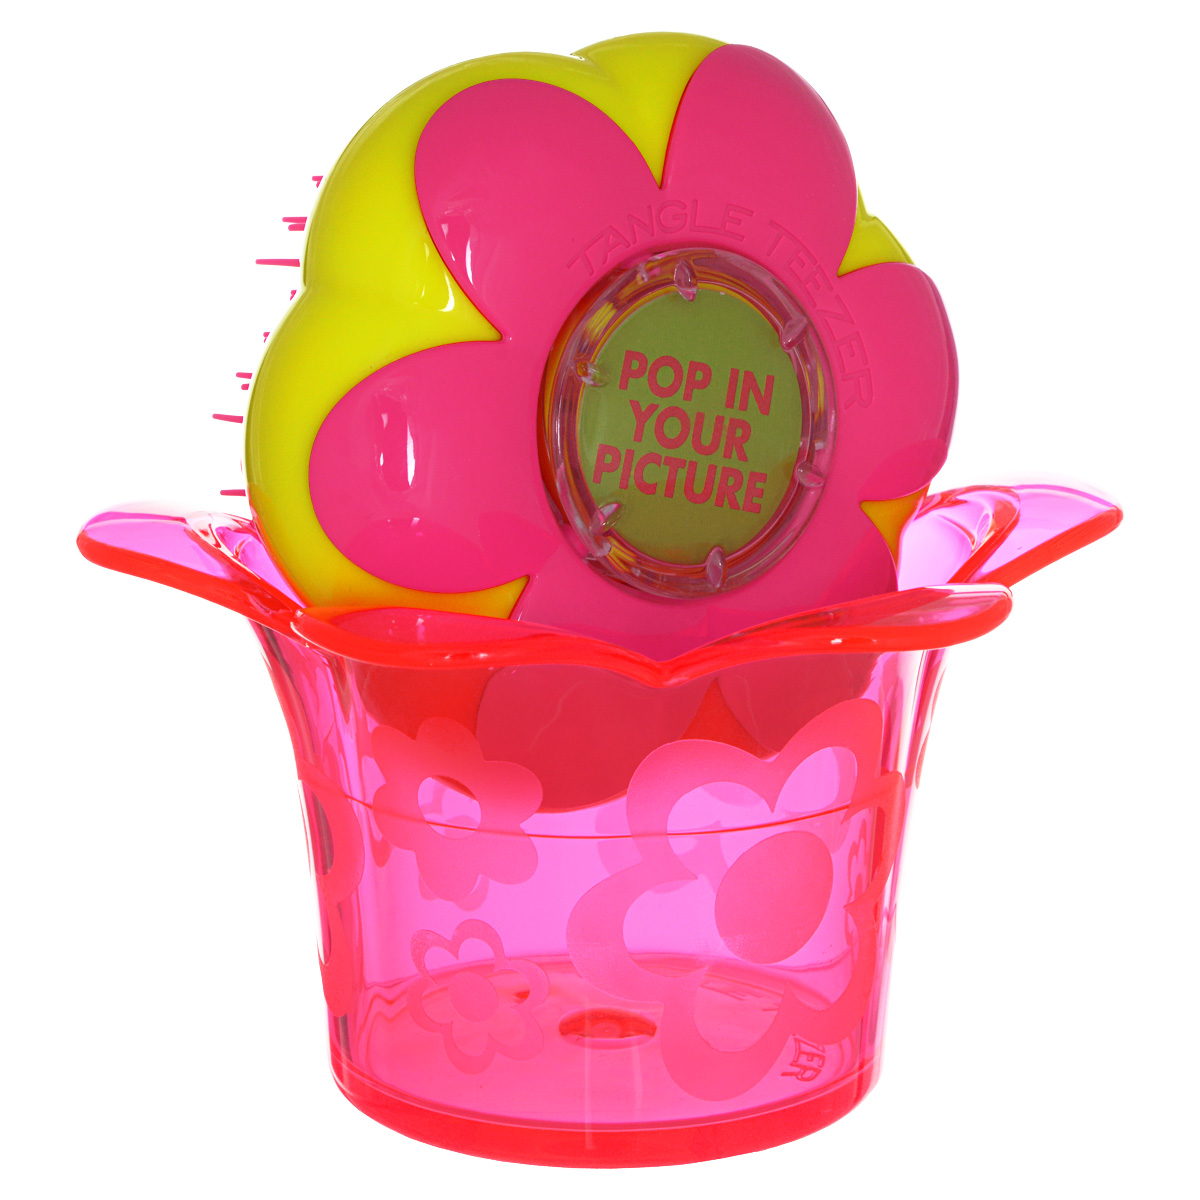 Tangle Teezer Расческа для волос Magic Flowerpot. Princess PinkAC-2233_серыйДетская распутывающая чудо-расческа Tangle Teezer Magic Flowerpot Princess Pink идеально подходит для всех типов волос. Оригинальная форма зубчиков обеспечивает двойное действие и позволяет быстро и безболезненно расчесать влажные и сухие волосы, не нарушая структуру детских волос. Подходит детям от 3-х лет. Благодаря эргономичному дизайну, расческу удобно держать в руках, не опасаясь выскальзывания. Расческа дополнена оригинальной подставкой, в которой можно хранить различные резиночки и заколочки. Товар сертифицирован.